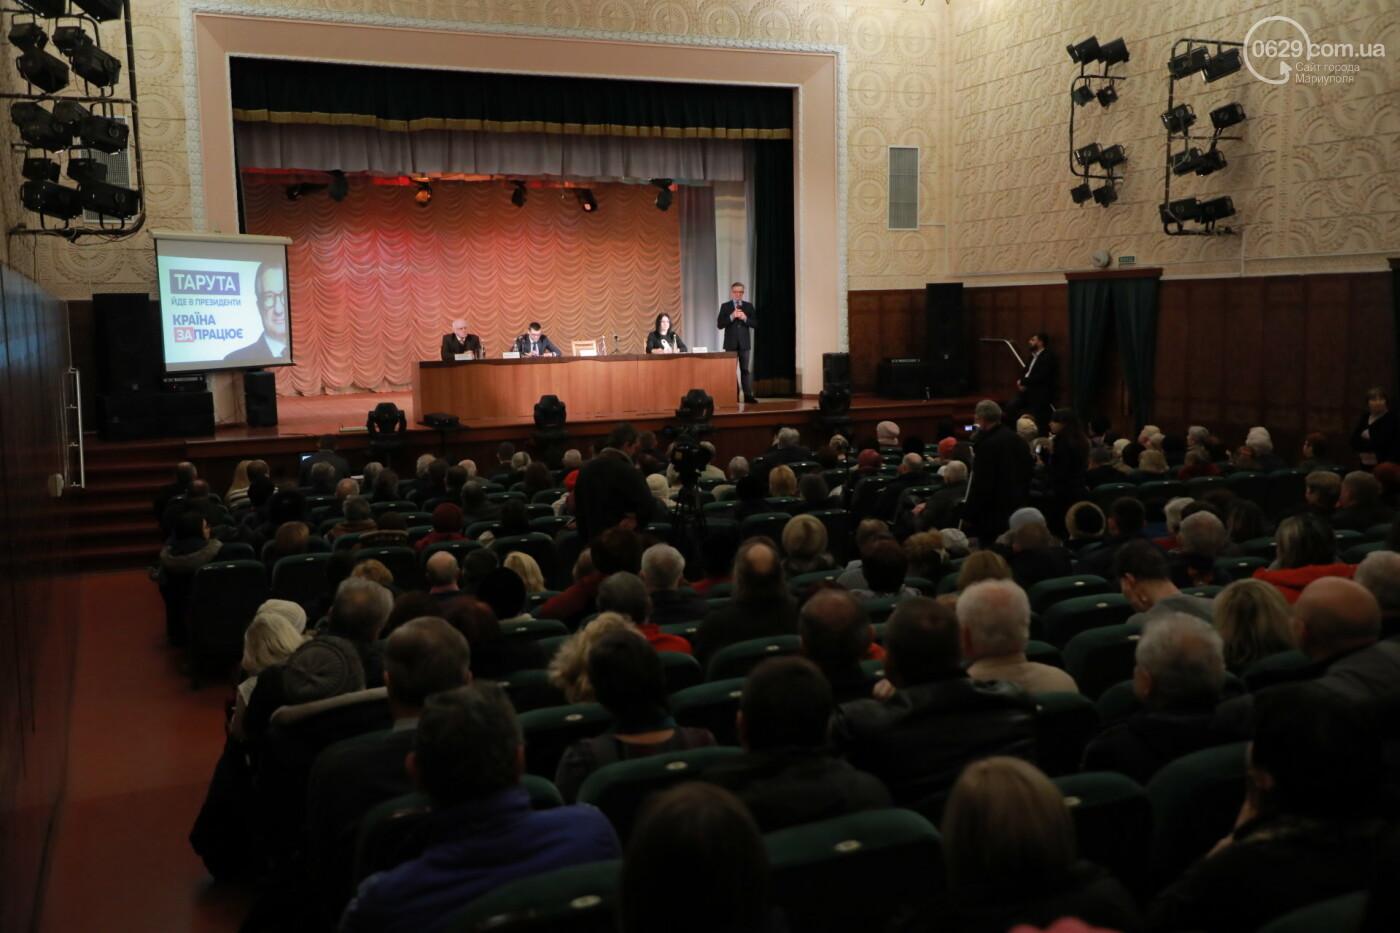 Кандидат в президенты Сергей Тарута начал свою официальную кампанию с визита в Мариуполь , фото-3